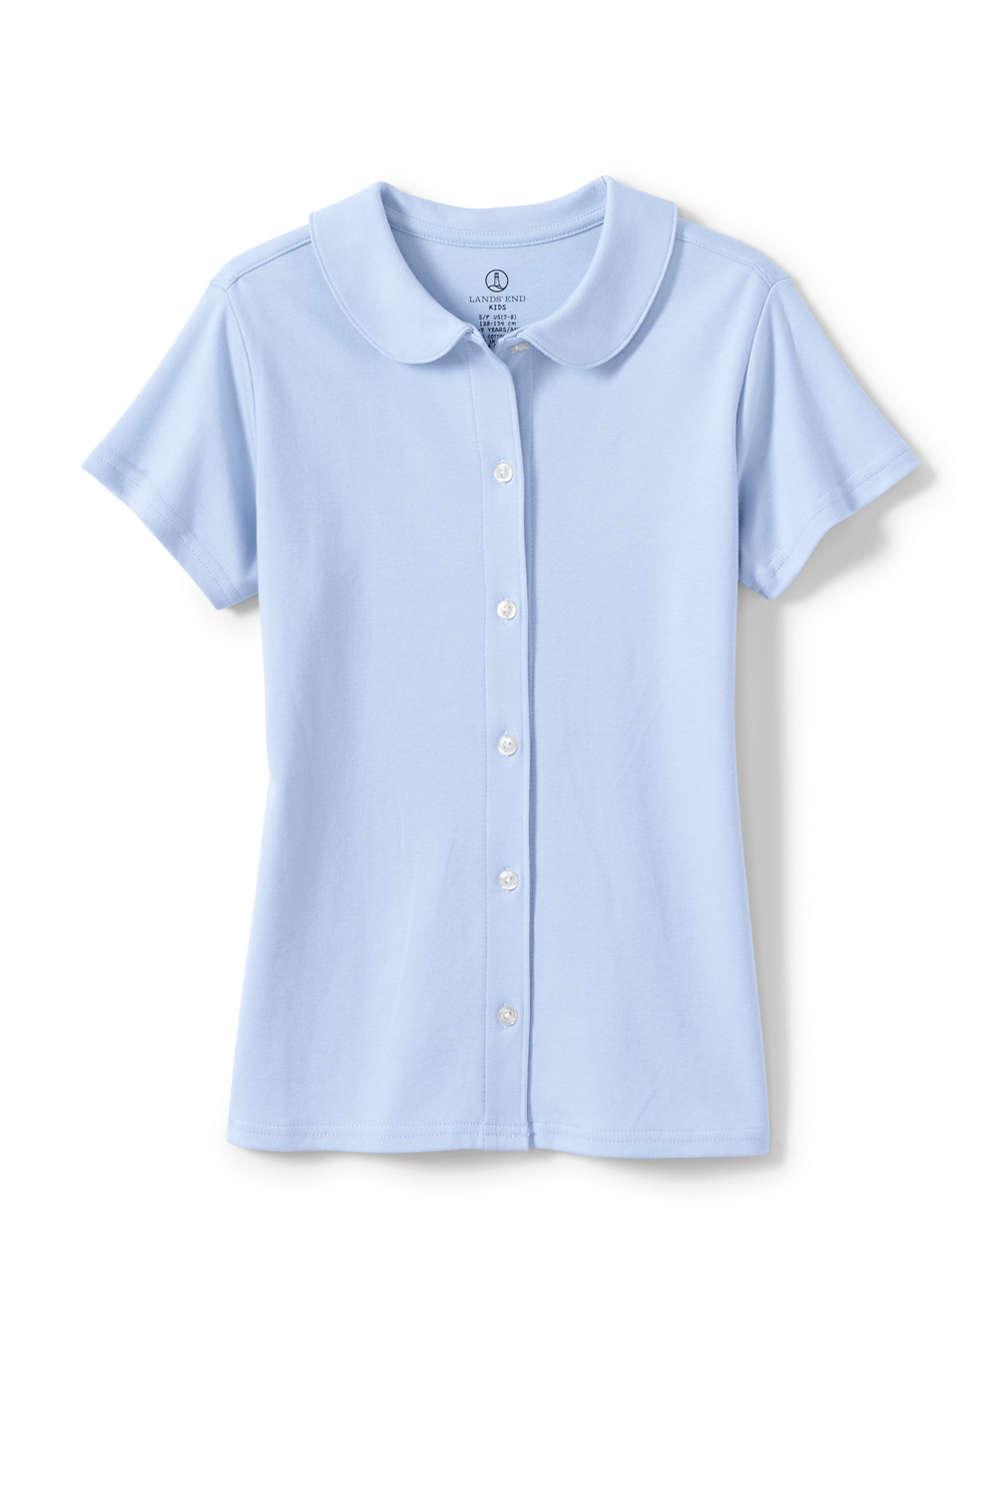 a7205dda3ff7c4 School Uniform Girls Short Sleeve Button Front Peter Pan Collar Knit ...